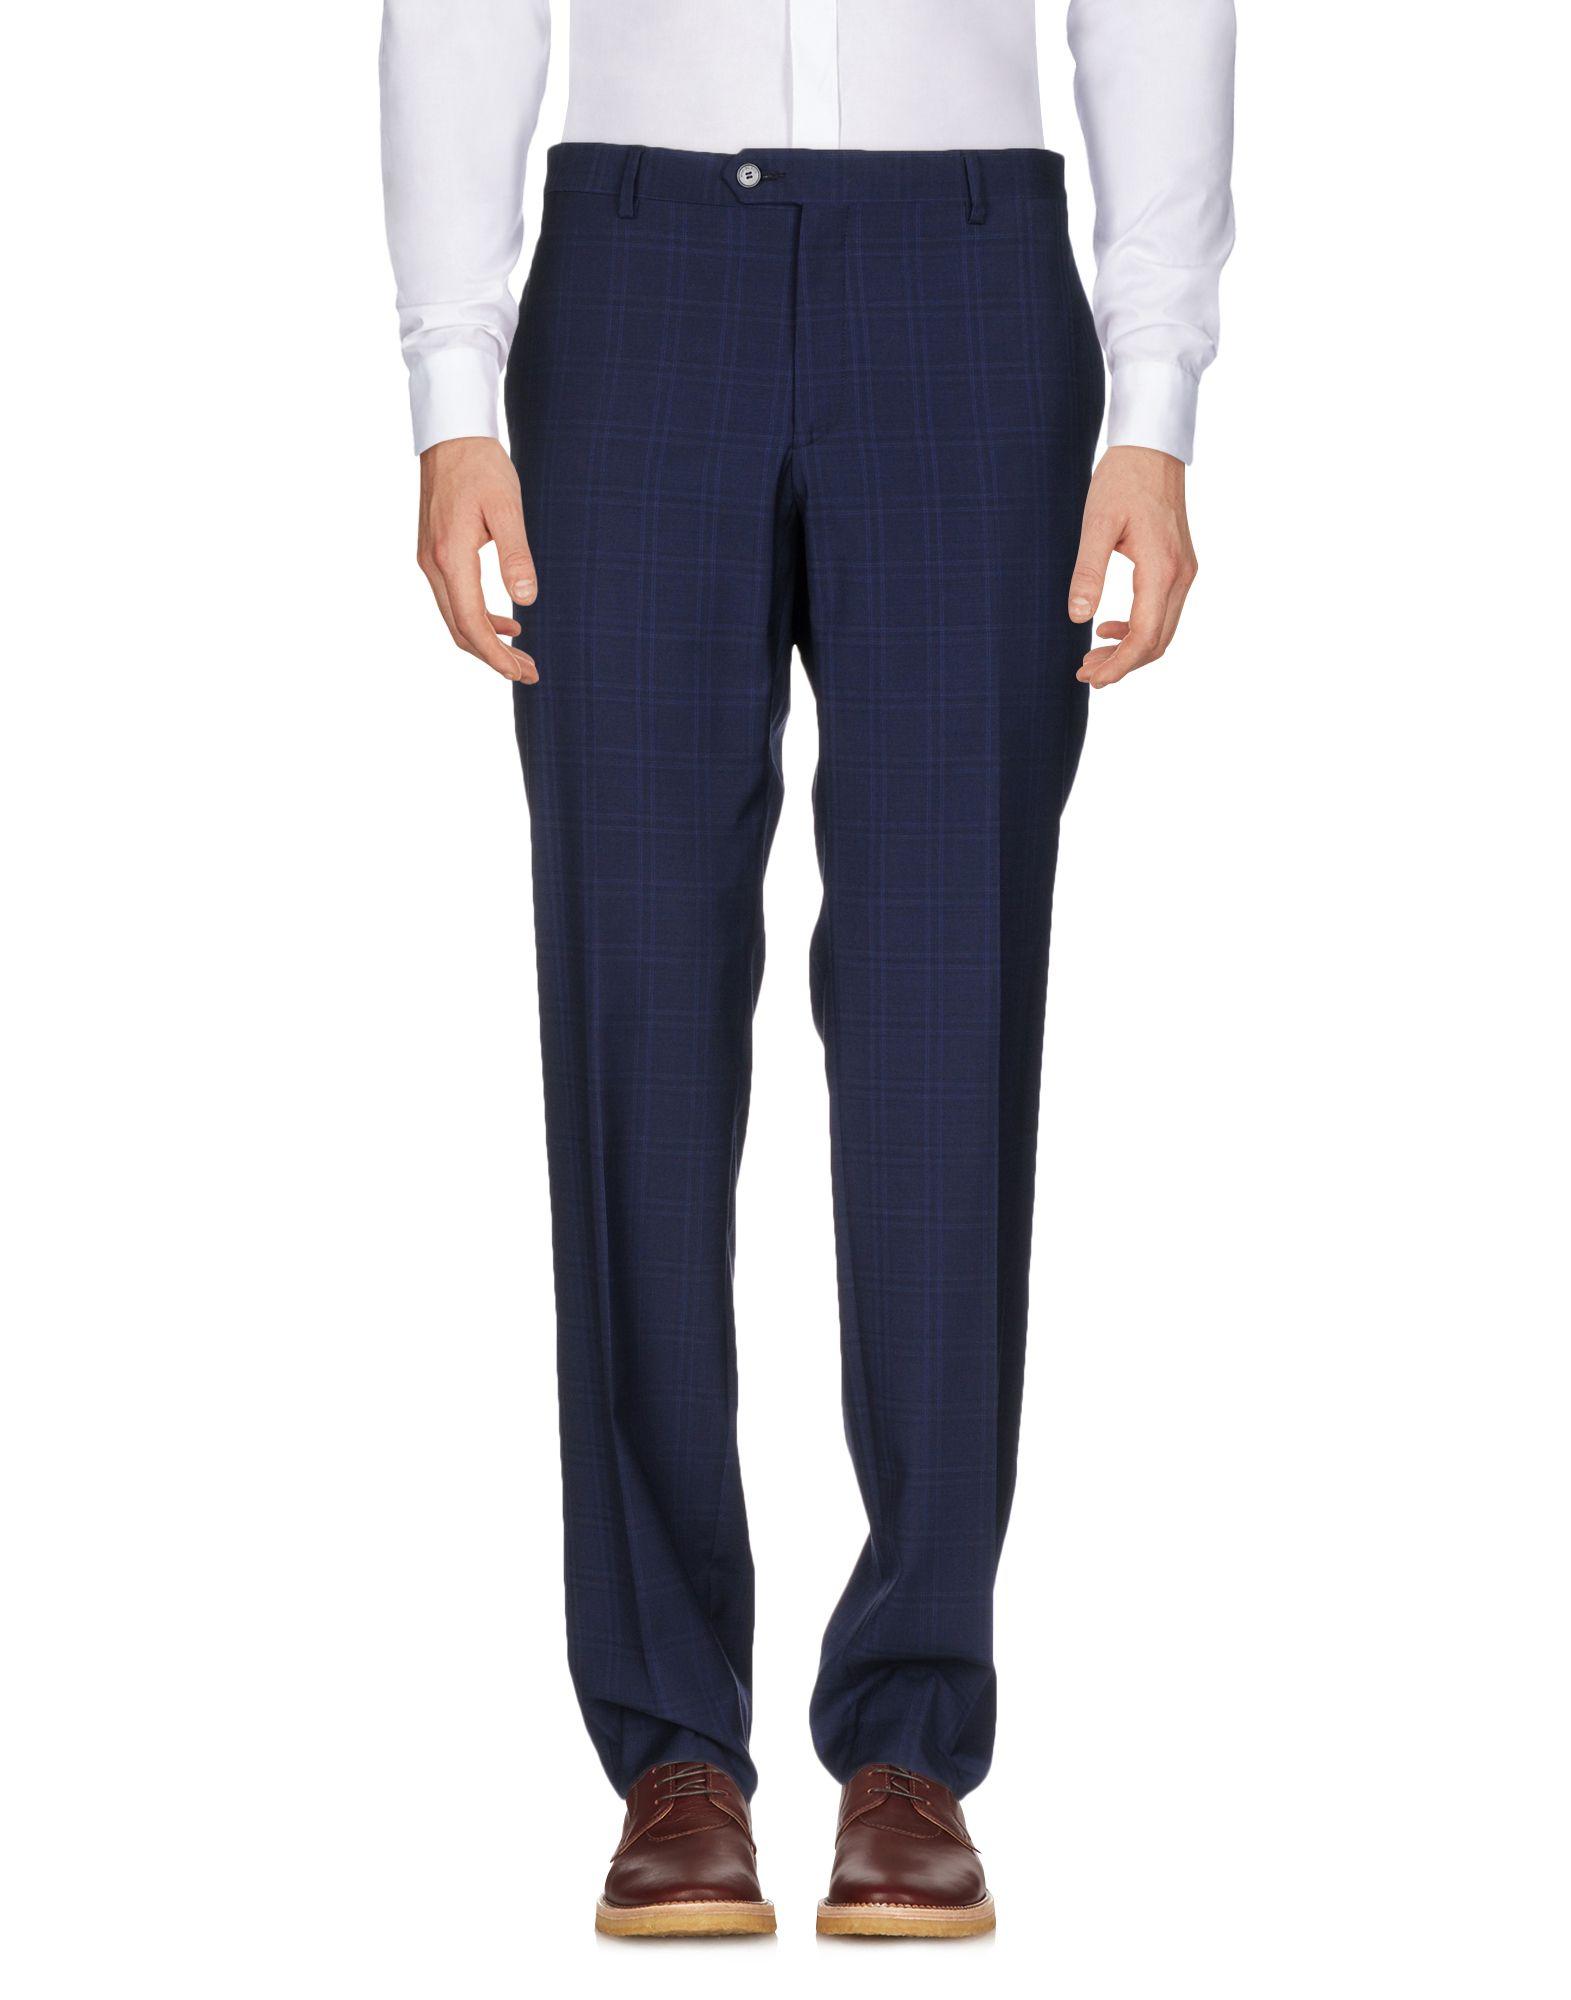 《送料無料》MANUEL RITZ メンズ パンツ ダークブルー 56 バージンウール 100%